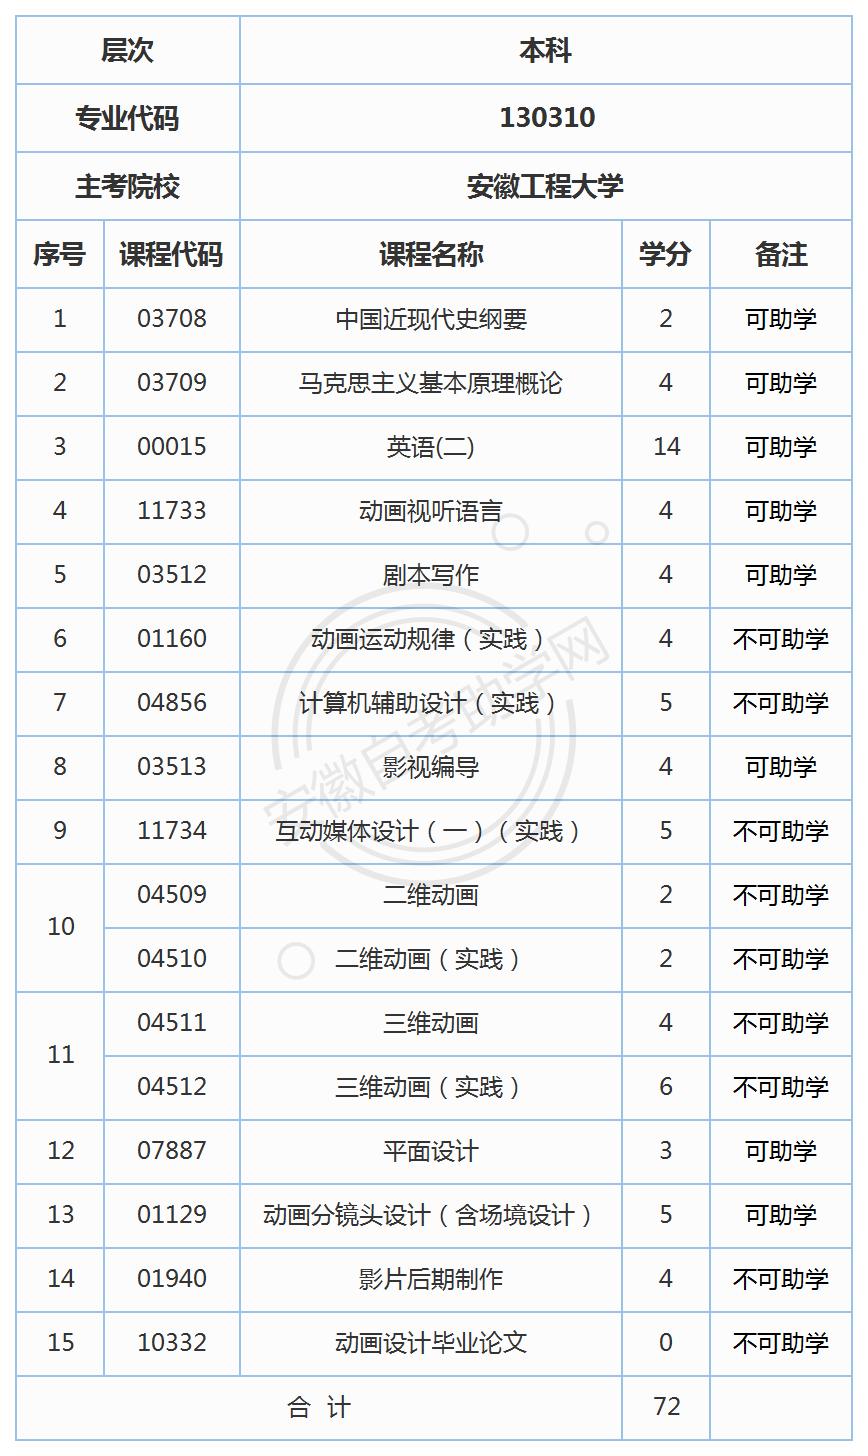 工作簿2_20201204_025022448